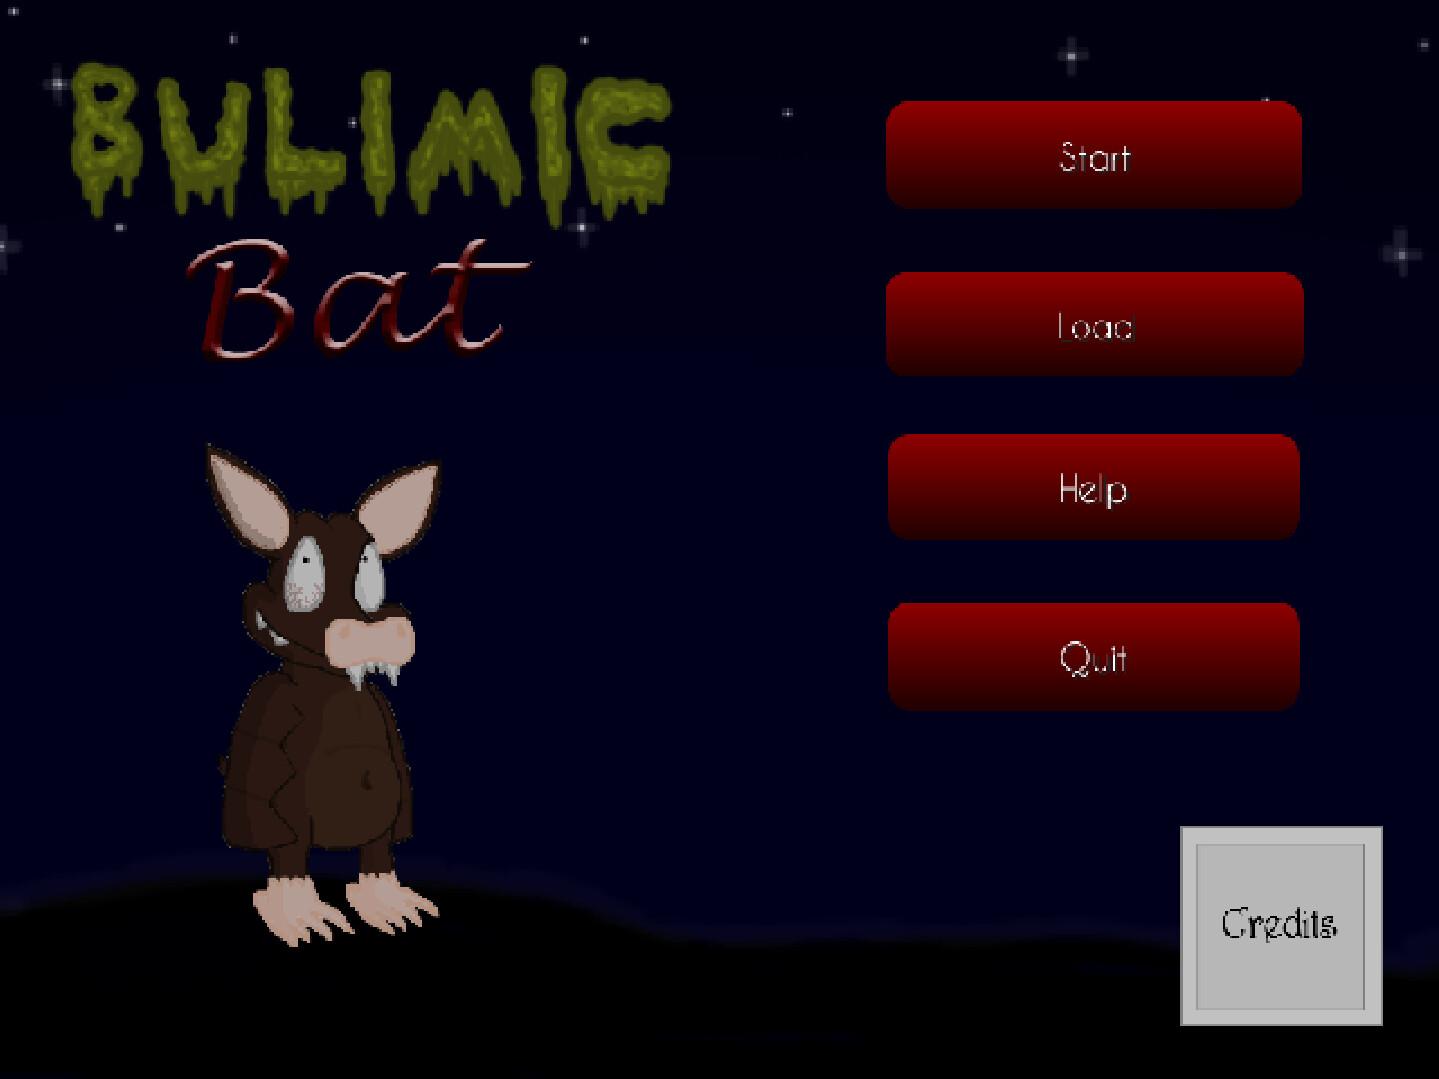 James skinner bulimic bat screenshot